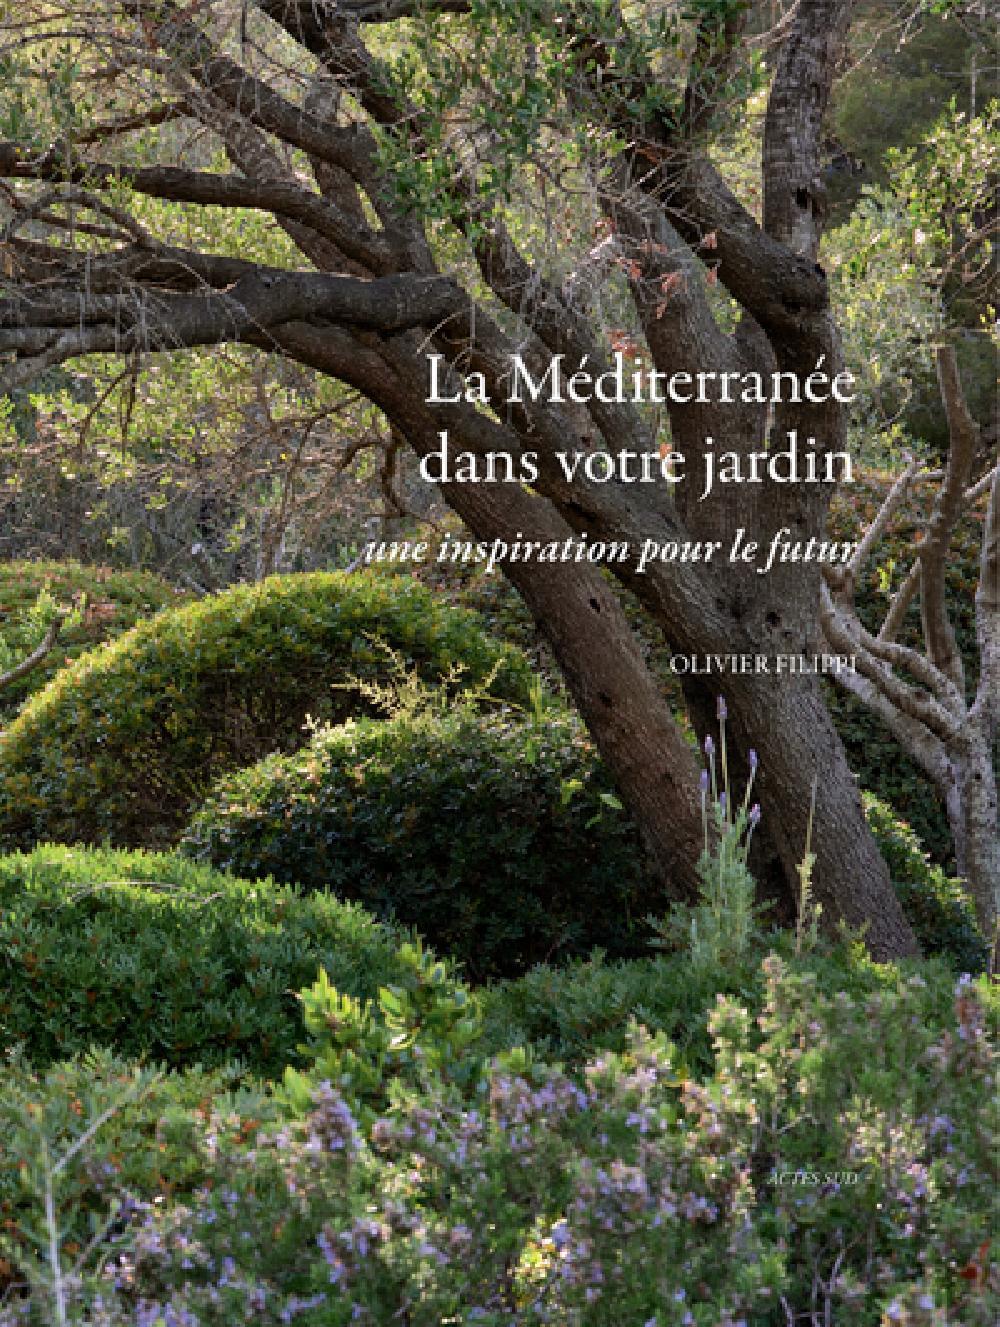 La Méditerranée dans votre jardin